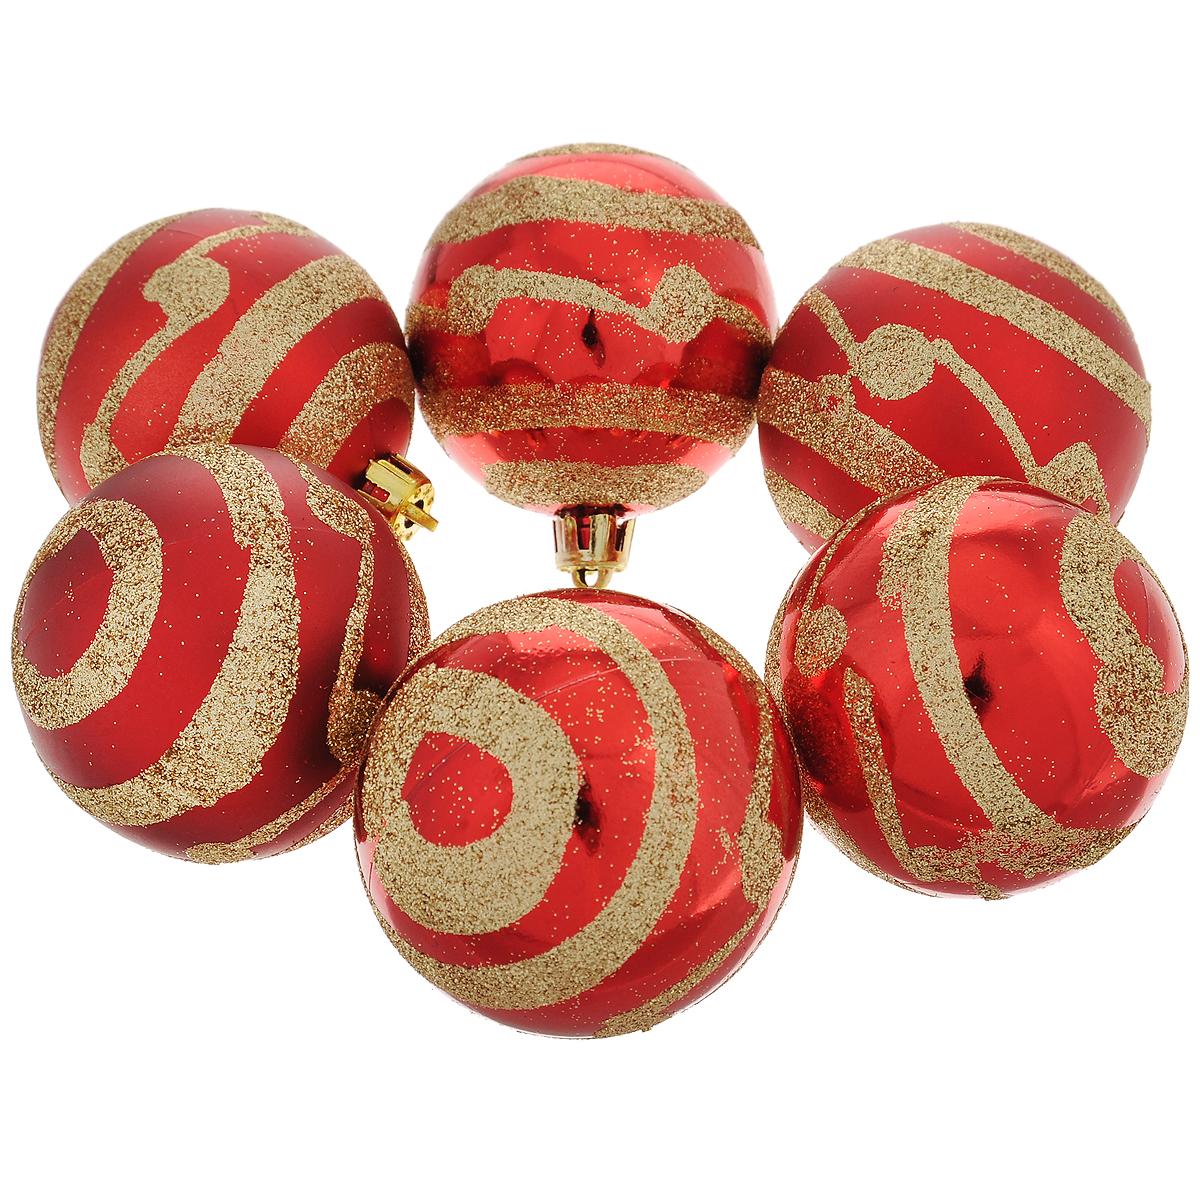 Набор новогодних подвесных украшений Шар, цвет: золотистый, красный, диаметр 6 см, 6 шт. 3549731253Набор новогодних подвесных украшений Шар прекрасно подойдет для праздничного декора новогодней ели. Состоит из шести шаров.Елочная игрушка - символ Нового года. Она несет в себе волшебство и красоту праздника. Создайте в своем доме атмосферу веселья и радости, украшая новогоднюю елку нарядными игрушками, которые будут из года в год накапливать теплоту воспоминаний. Коллекция декоративных украшений принесет в ваш дом ни с чем несравнимое ощущение волшебства! Откройте для себя удивительный мир сказок и грез. Почувствуйте волшебные минуты ожидания праздника, создайте новогоднее настроение вашим дорогим и близким.